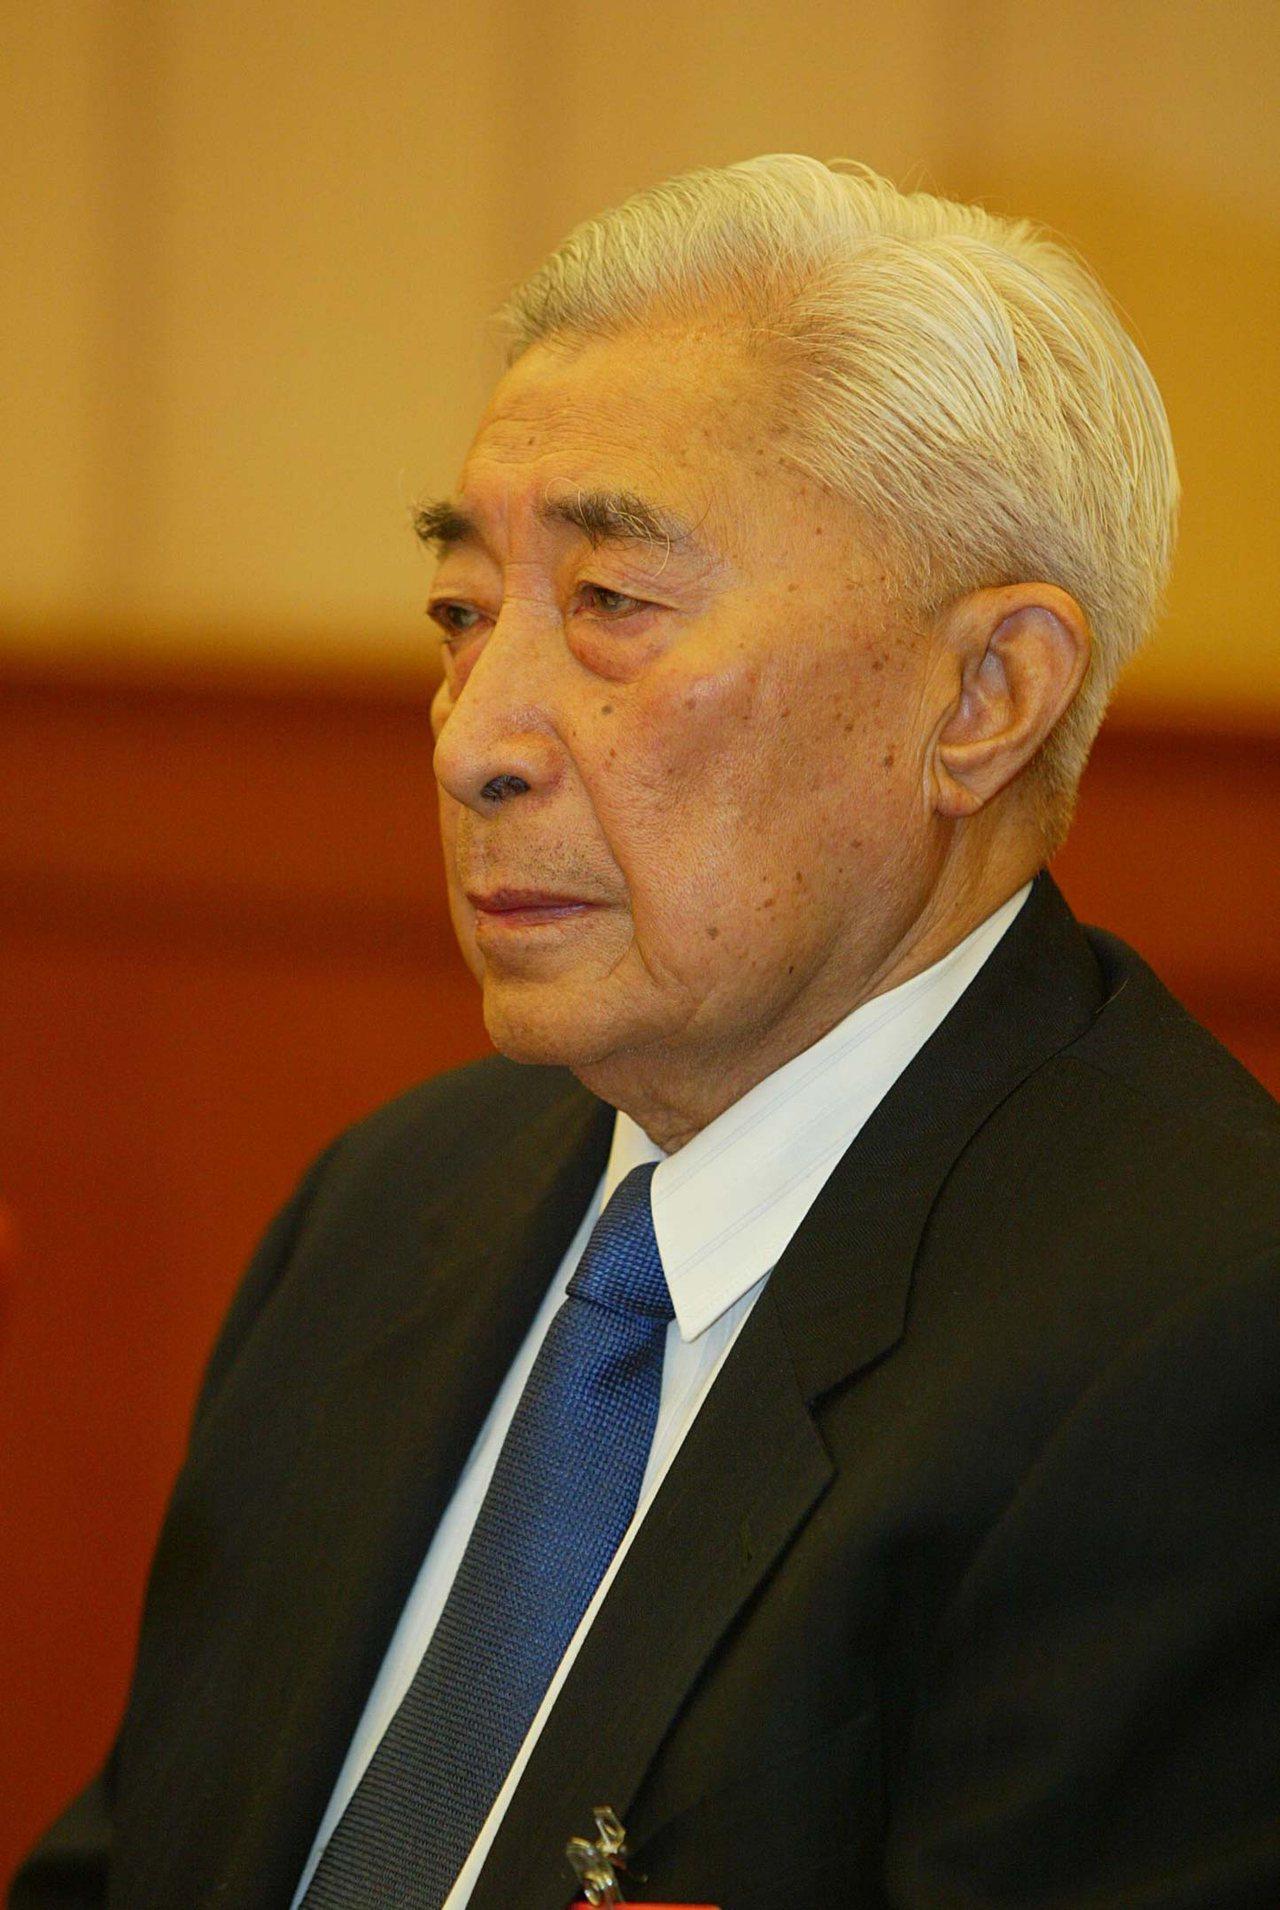 北京大學前校長丁石孫12日在北京病逝,享年93歲。 中國新聞社